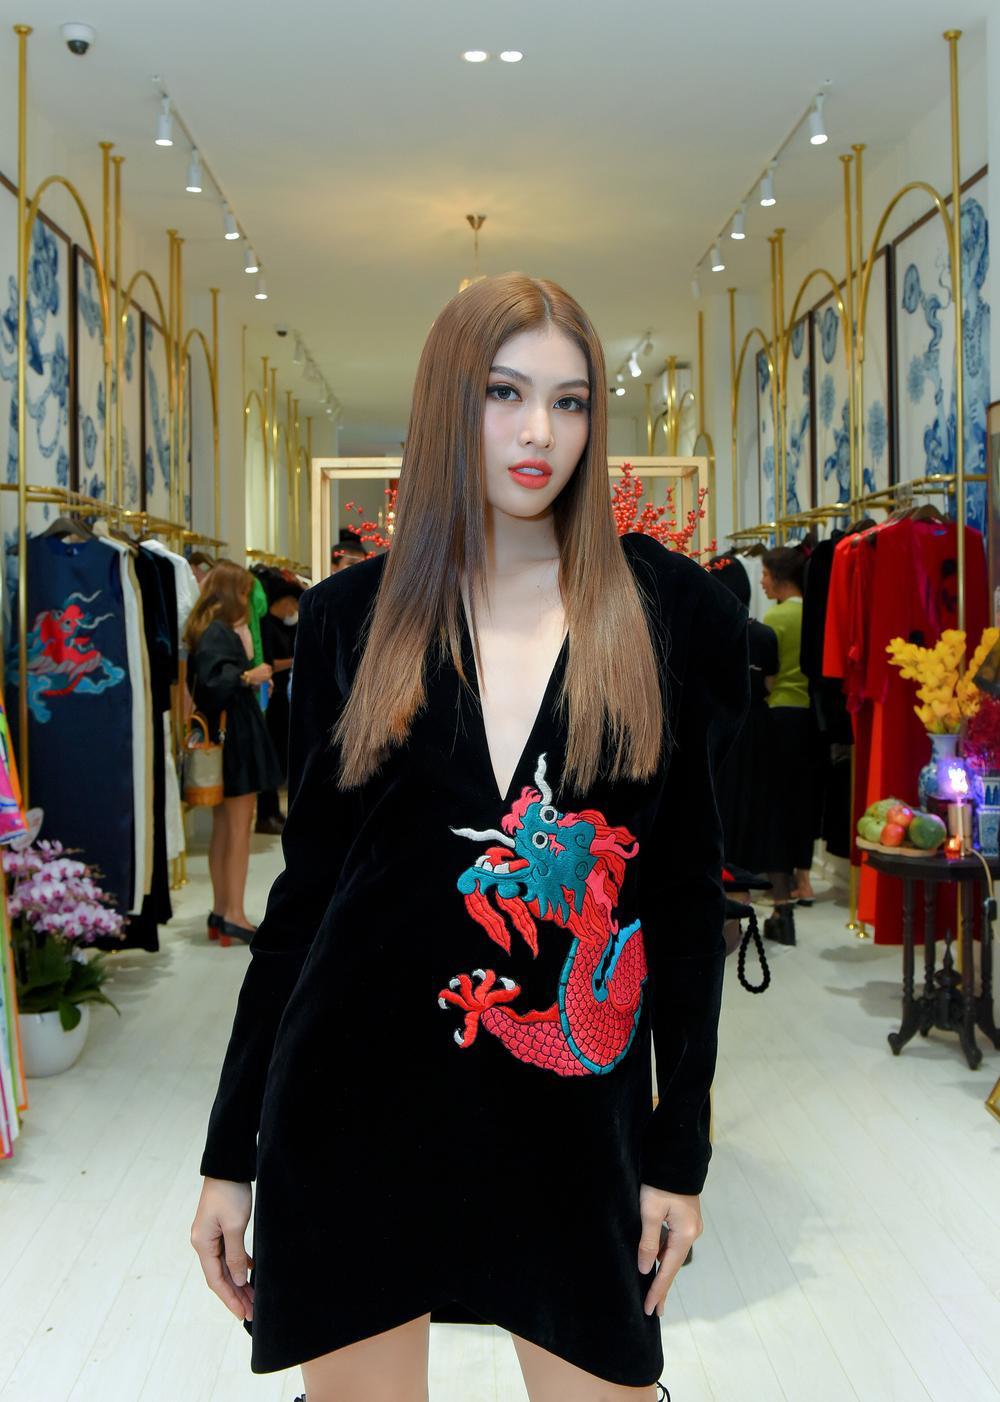 Hoa hậu Phương Khánh, Á hậu Ngọc Thảo duyên dáng với váy áo âm hưởng dân gian Ảnh 7